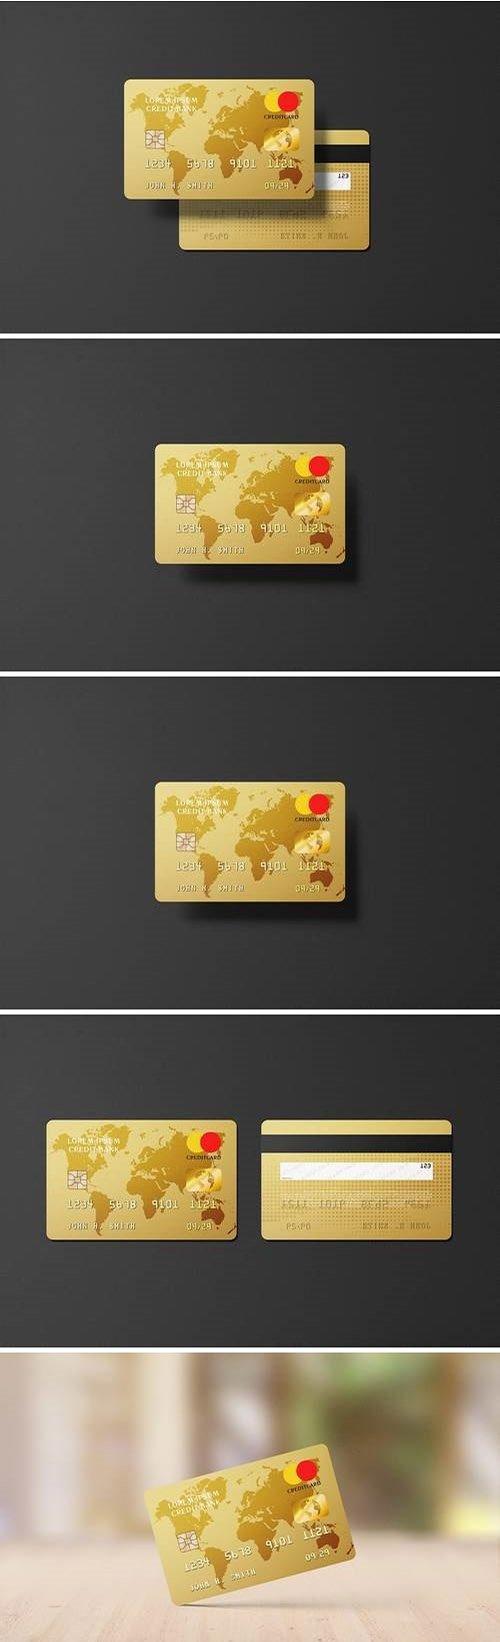 Golden Credit Card Mockup